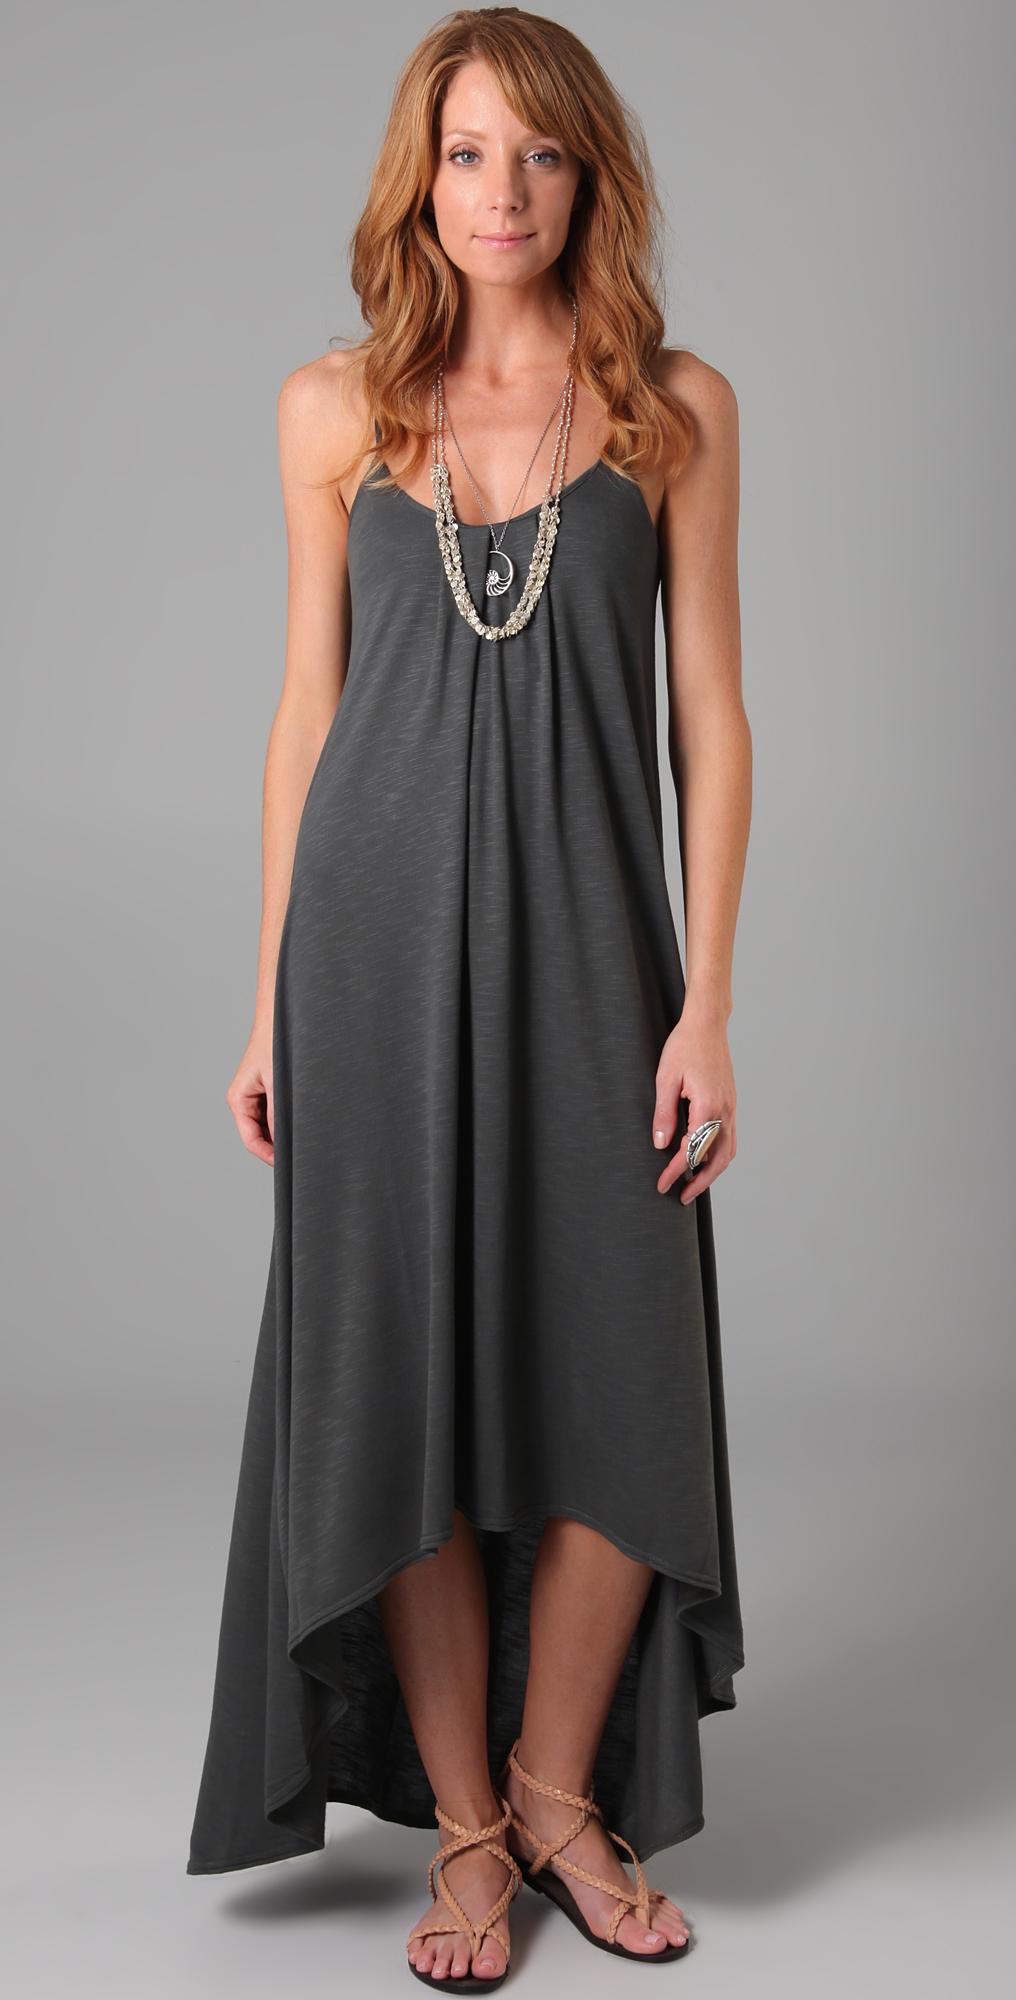 6c2278e0c05 Lanston Knit Maxi Dress